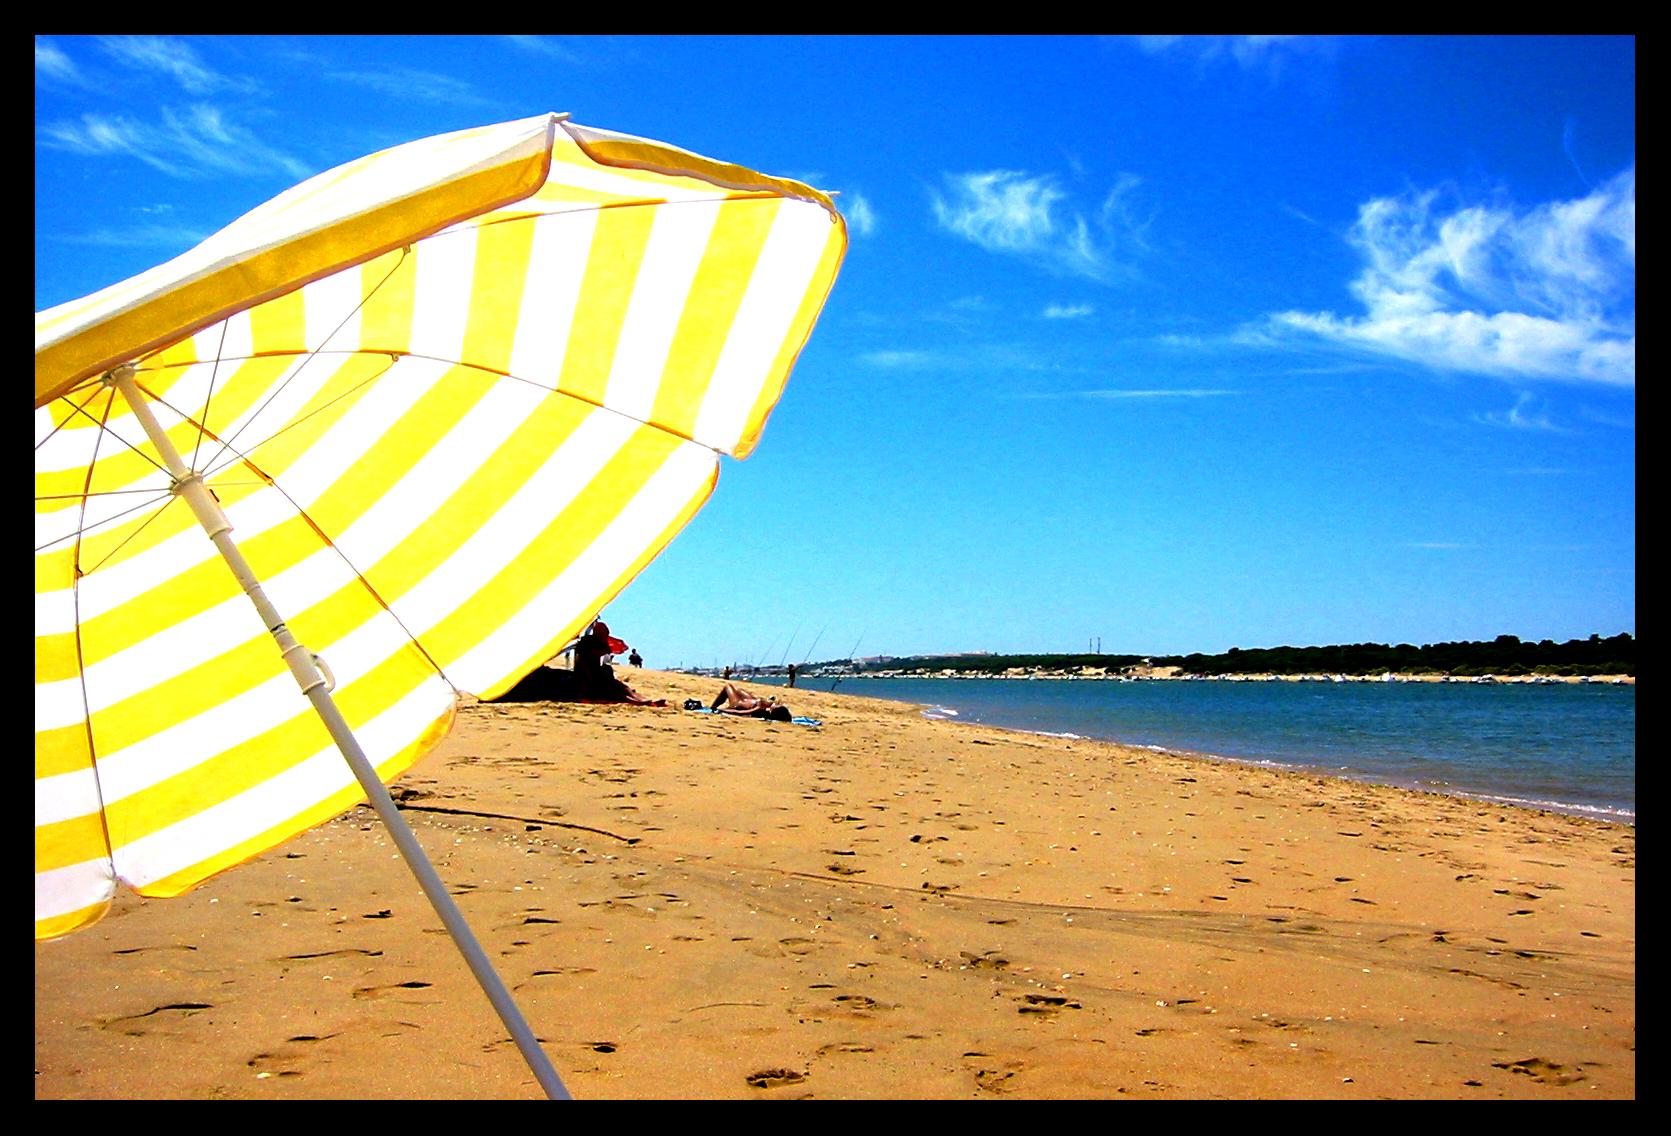 Fotos gratis : playa, mar, costa, arena, Oceano, verano